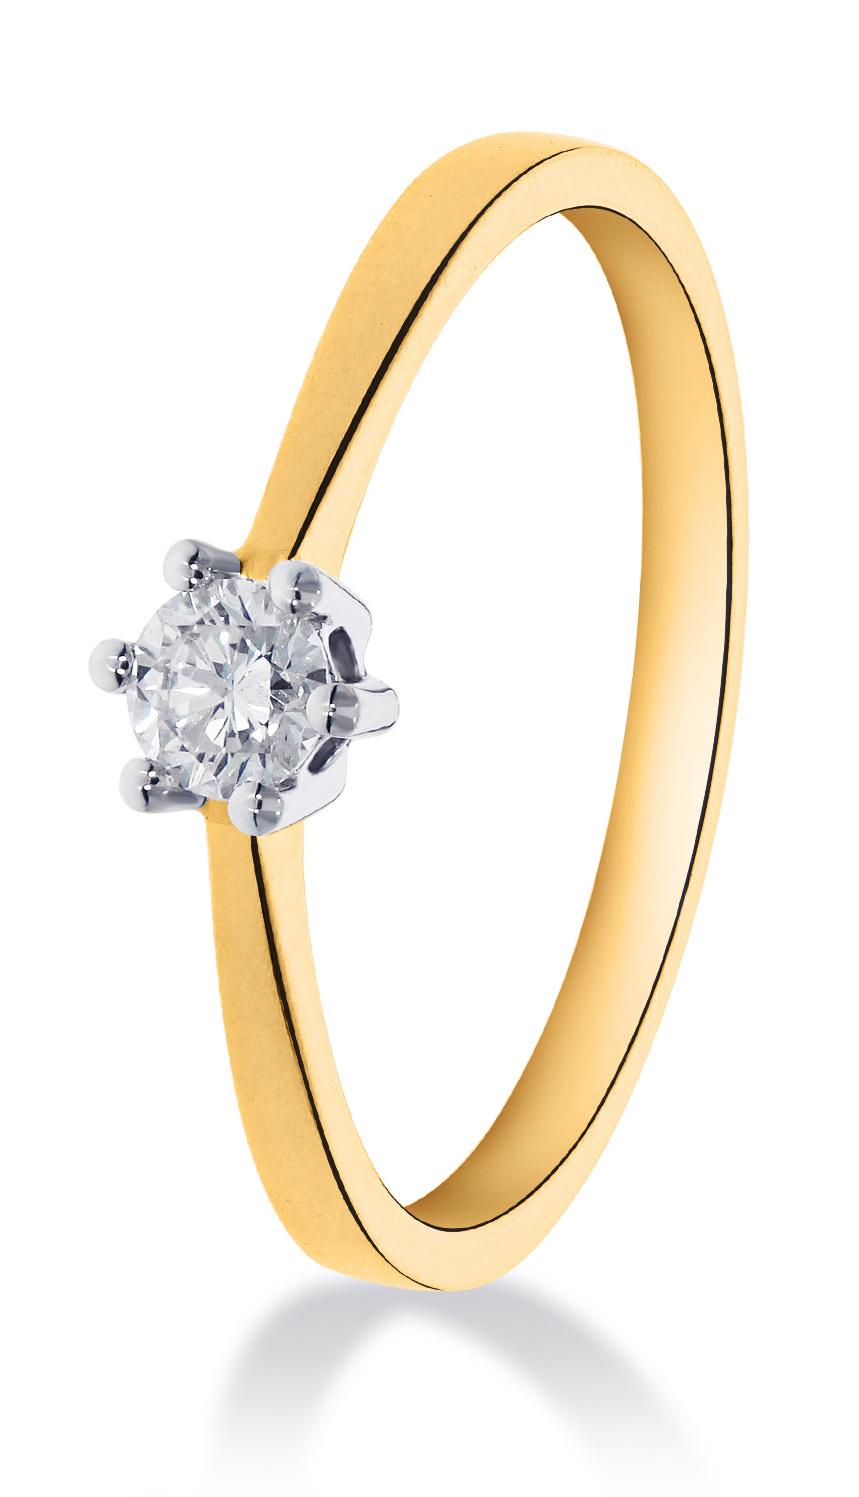 14 karaat geelouden ring met diamant 0.15 crt. - Solitair - Geelgoud-1